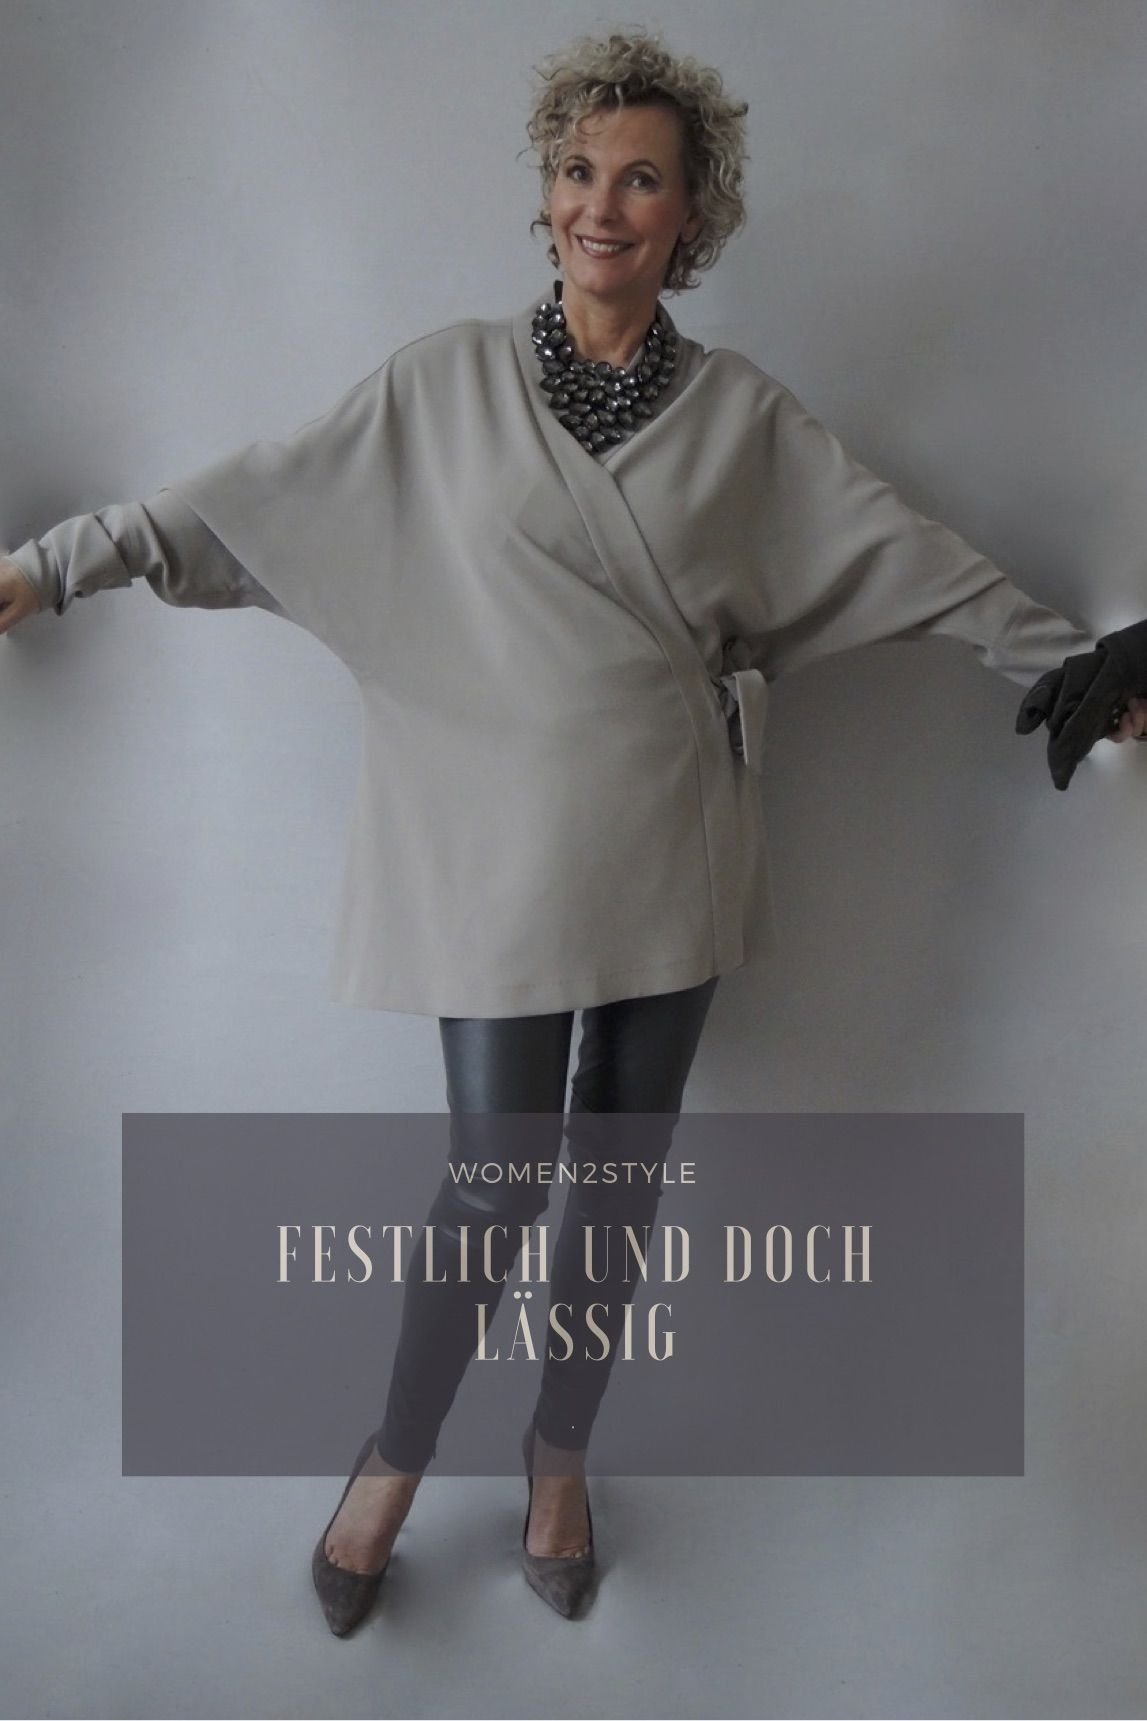 festlich es outfit ganz lässig! | festliches outfit